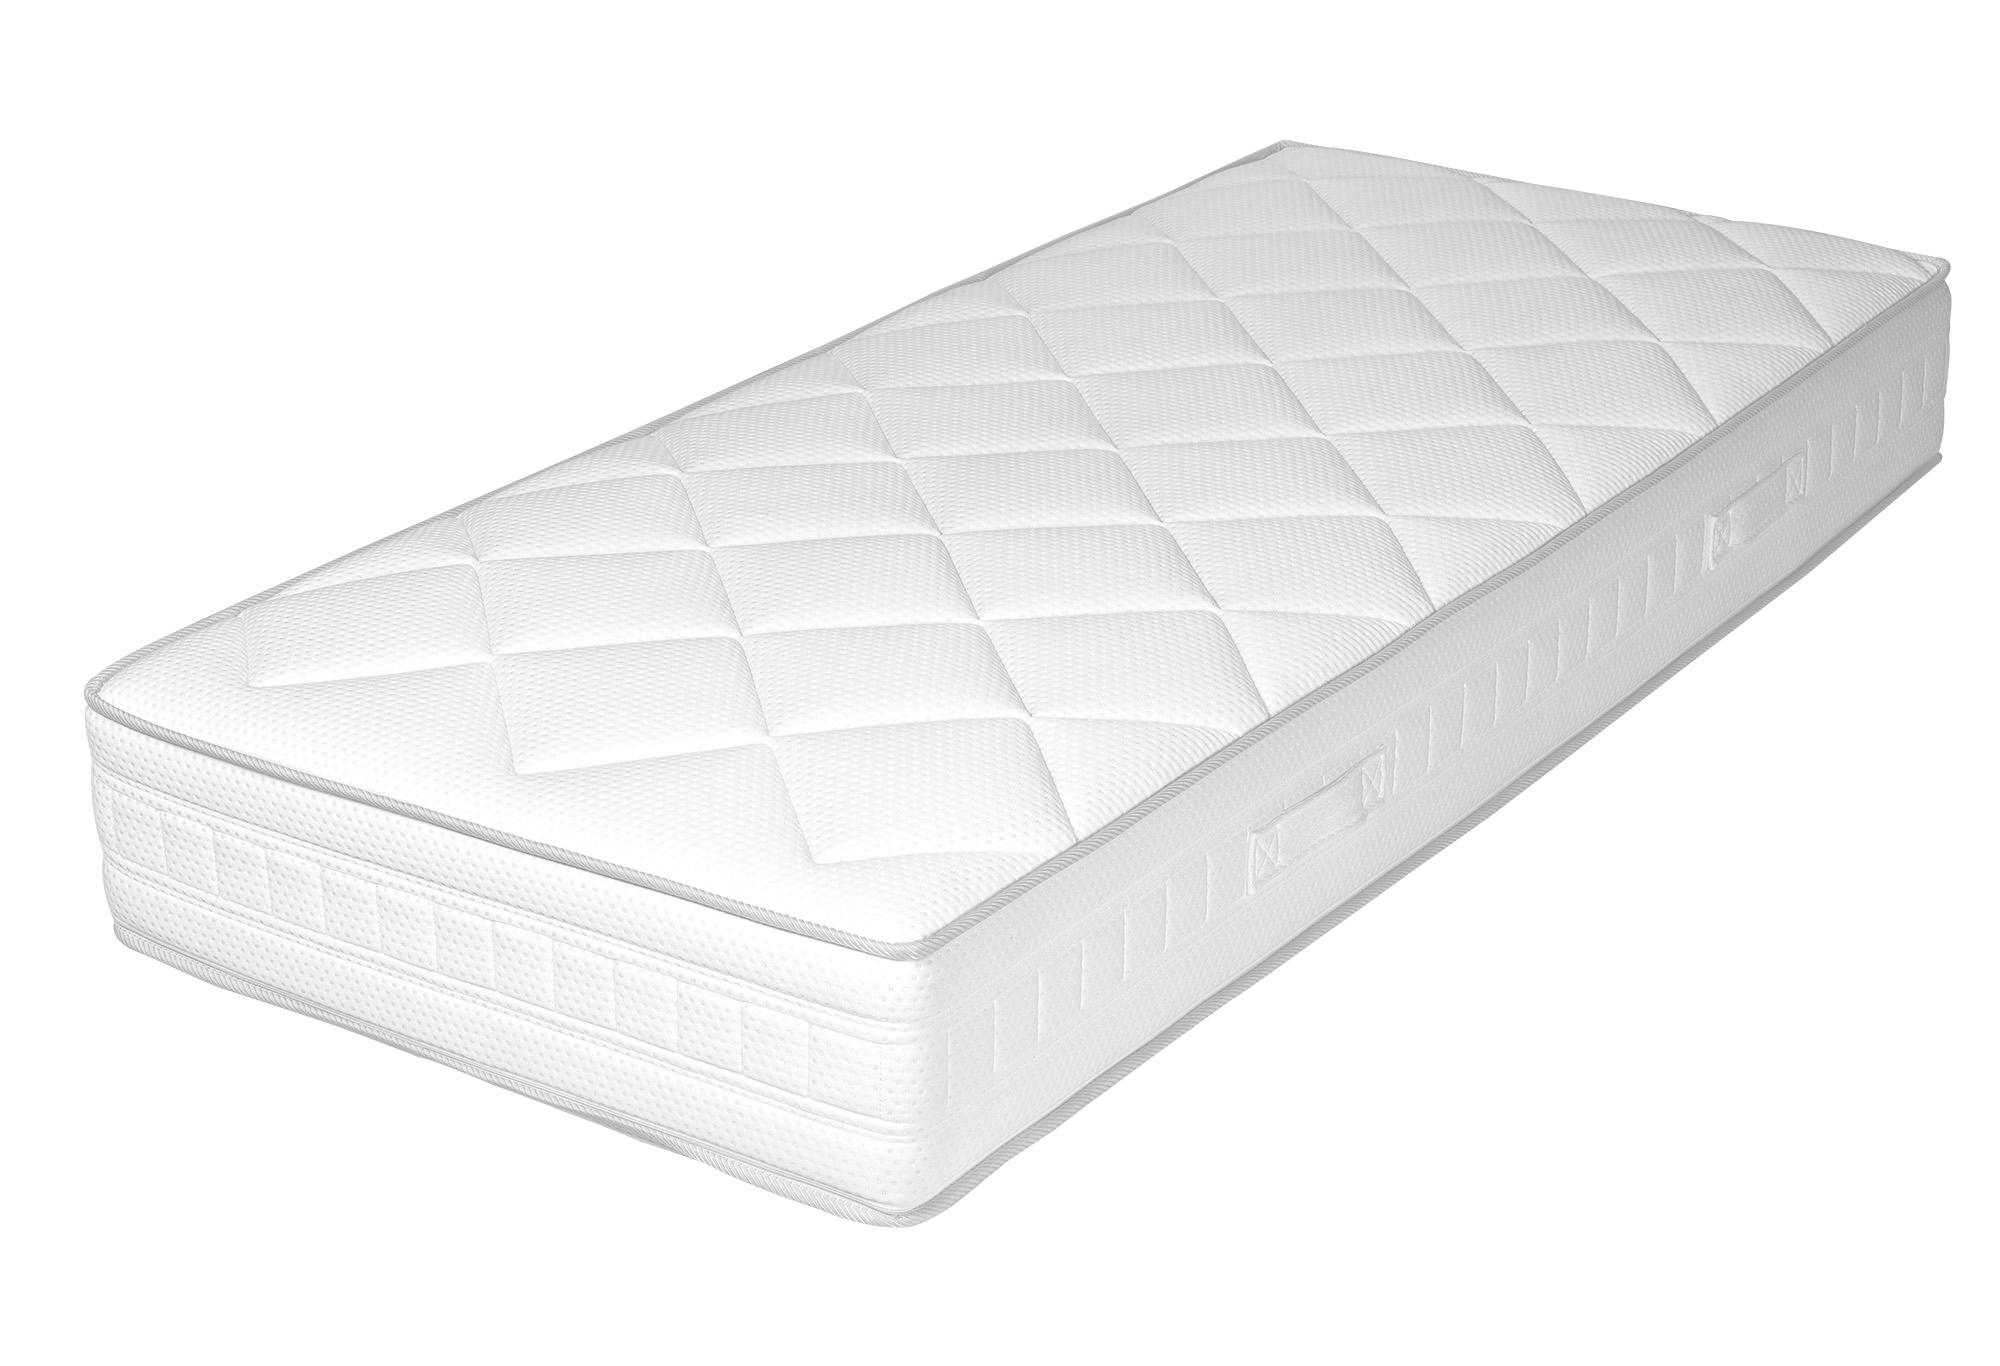 matratzen 80 cm breit interesting x xx xx with matratzen 80 cm breit free valuable cm matratze. Black Bedroom Furniture Sets. Home Design Ideas